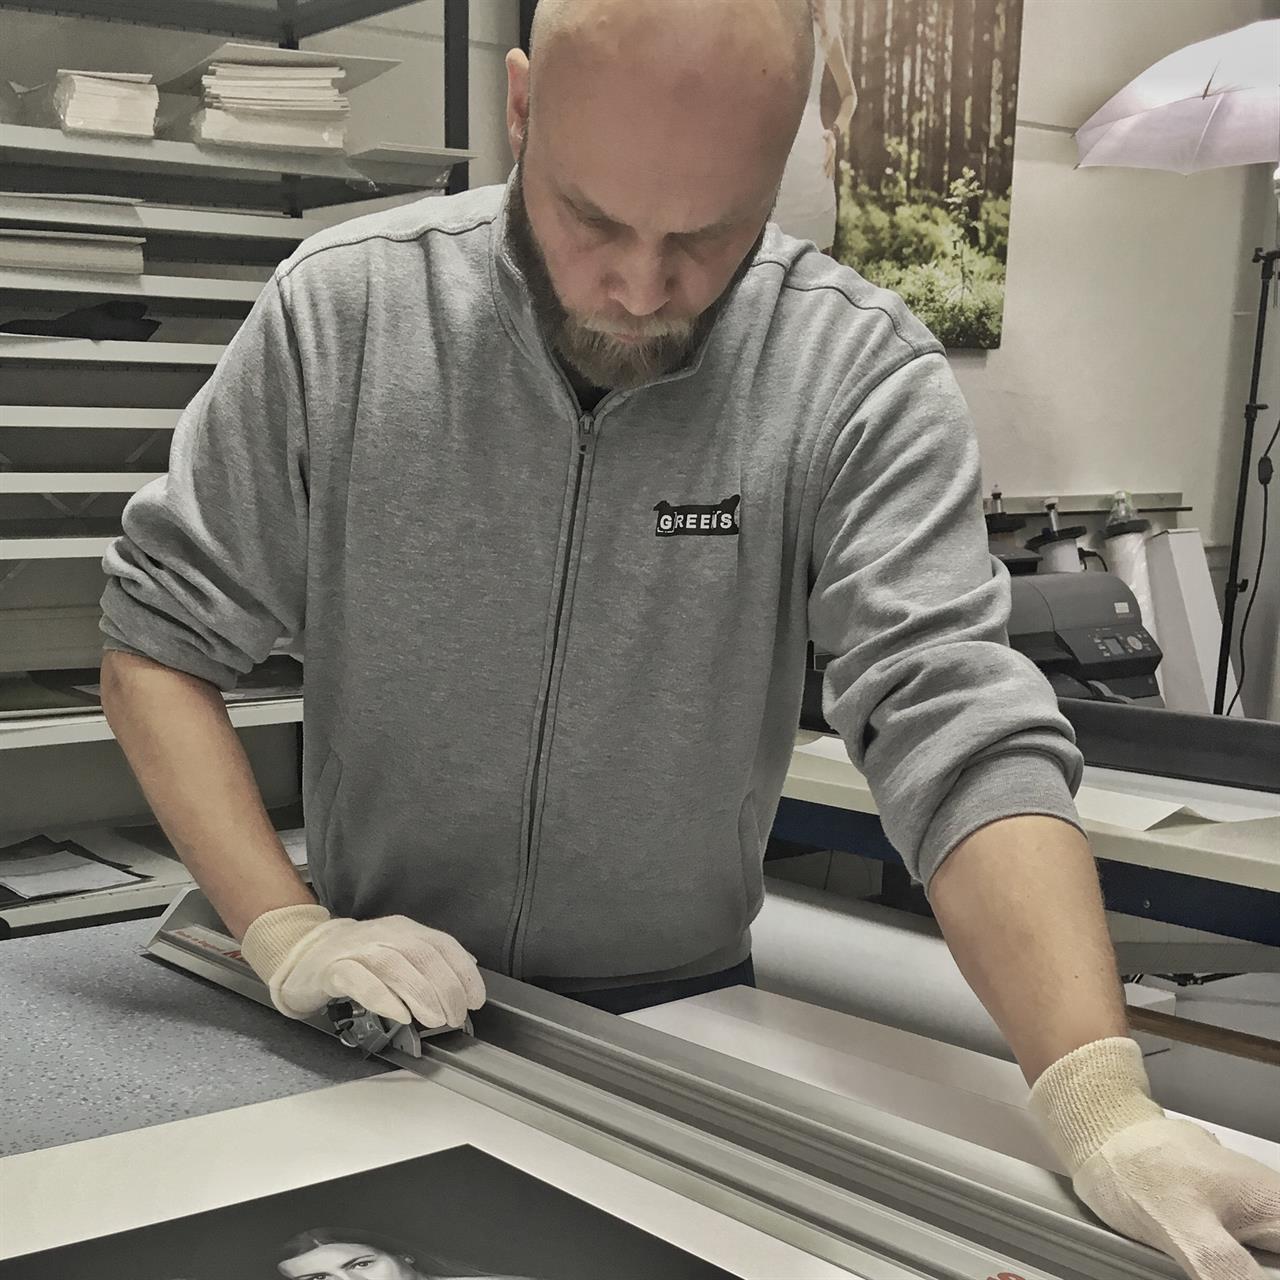 Printing til landskonkurransen i Norges Fotografforbund.